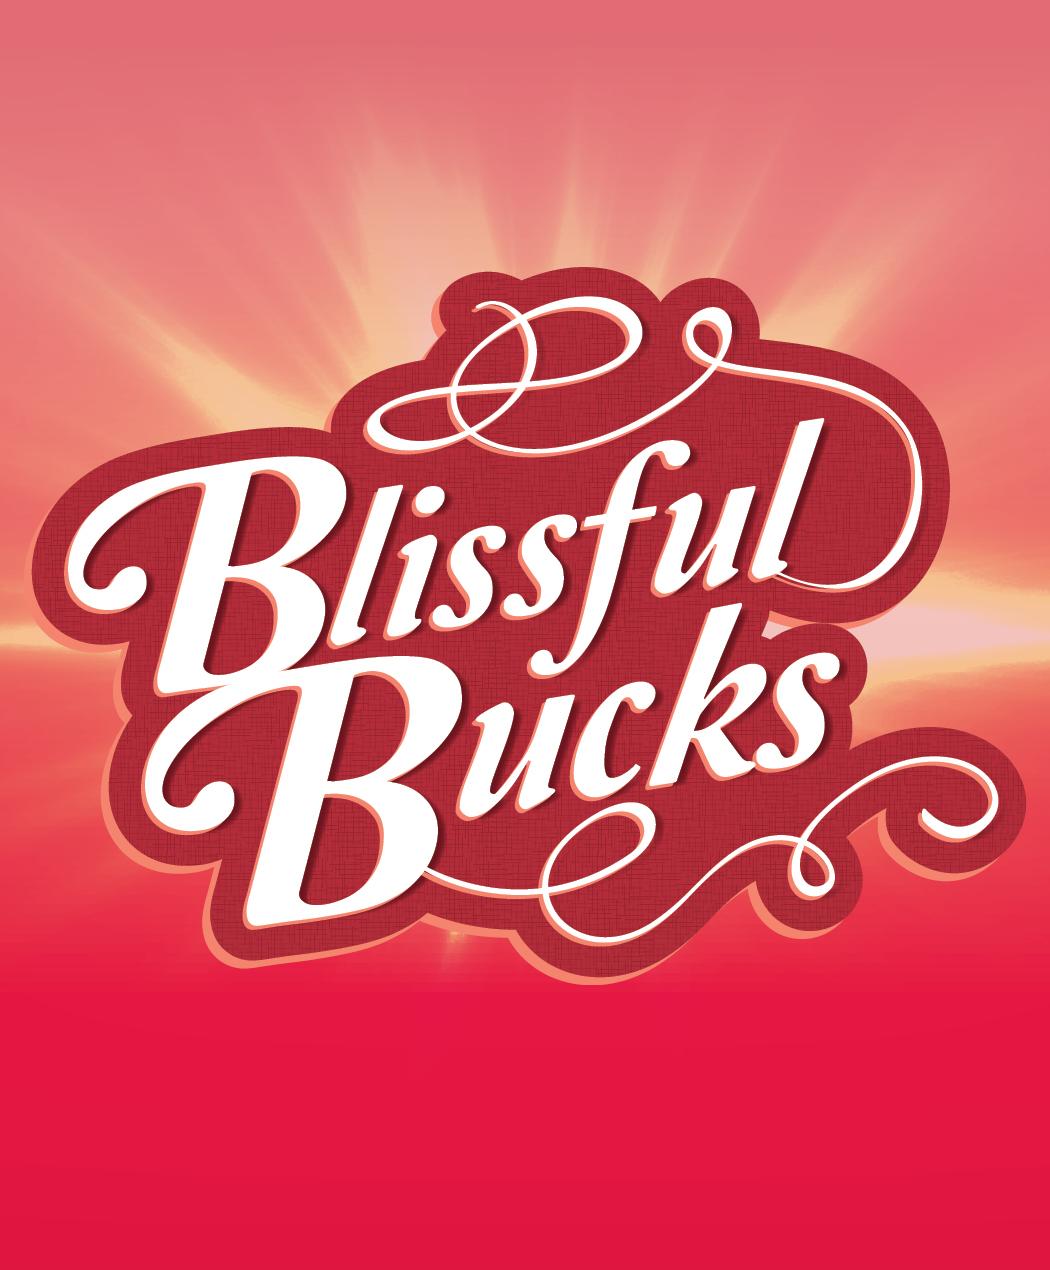 Blissful Bucks